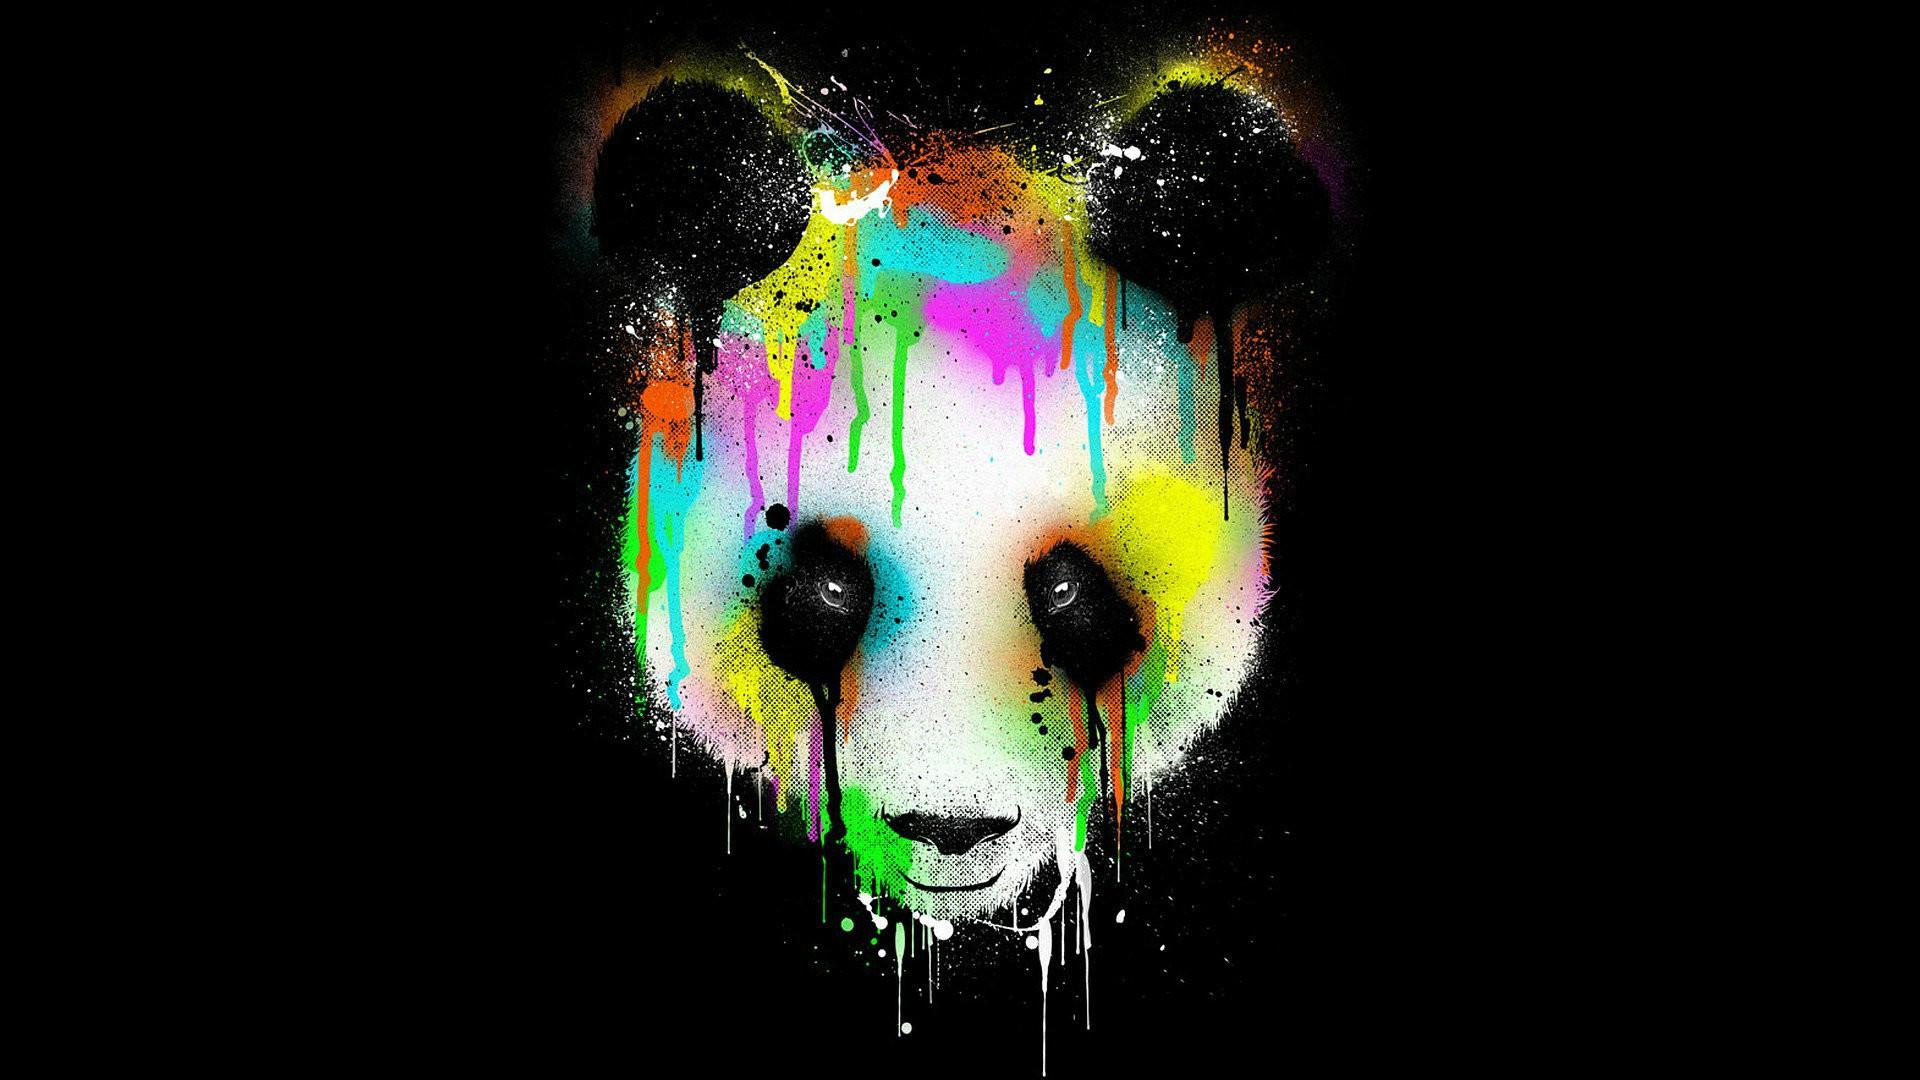 3D Panda Photo